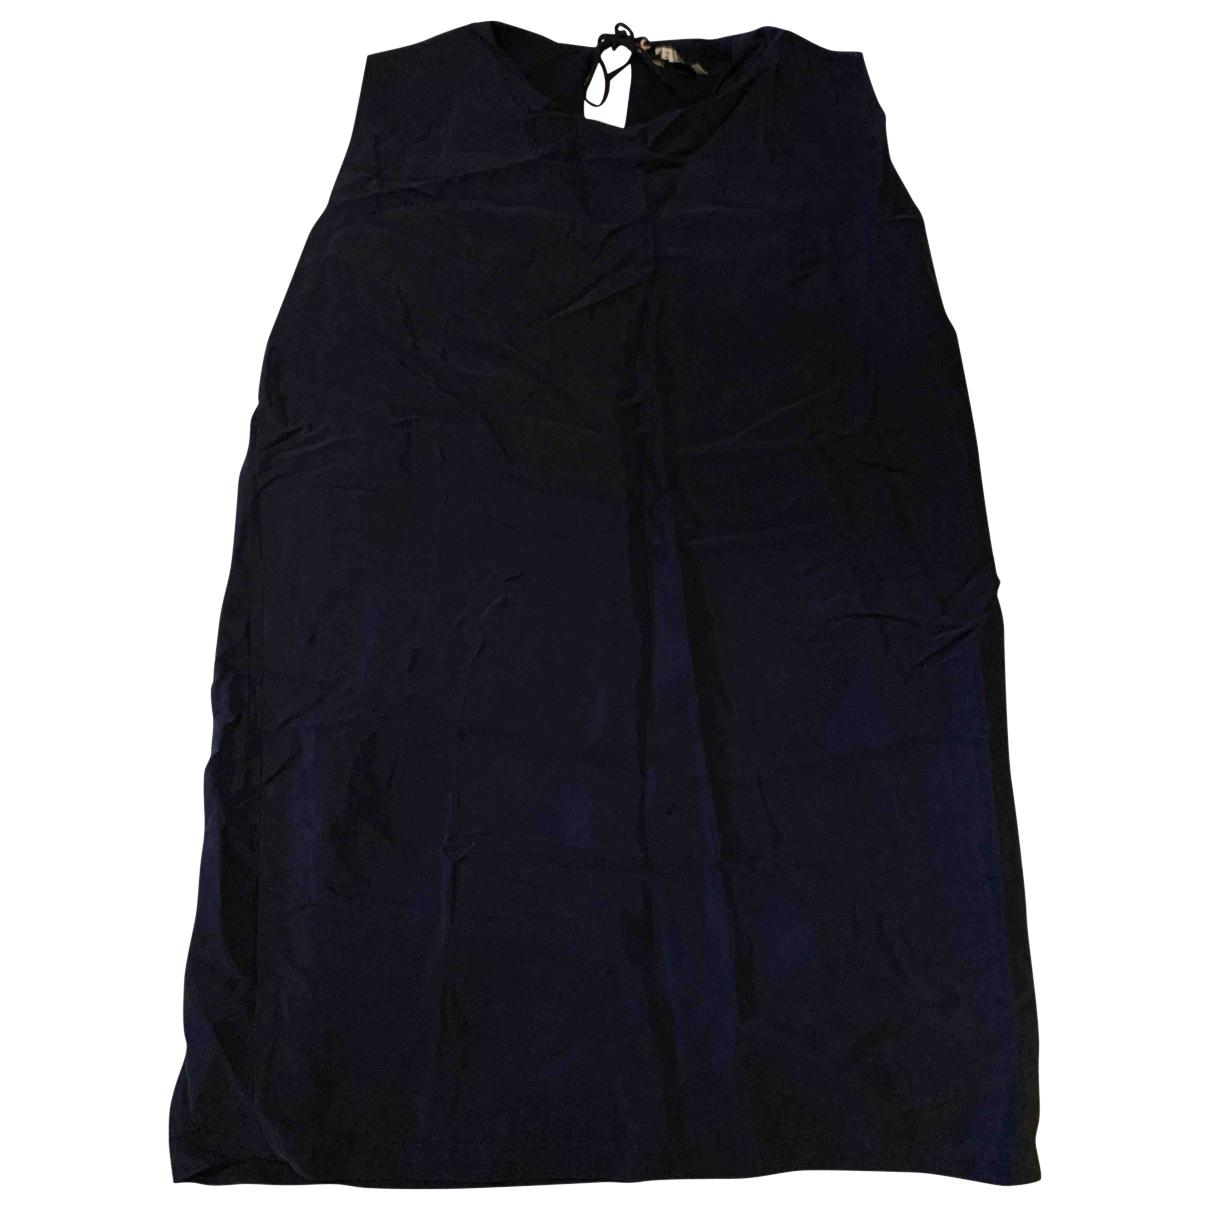 Suncoo \N Kleid in  Blau Seide